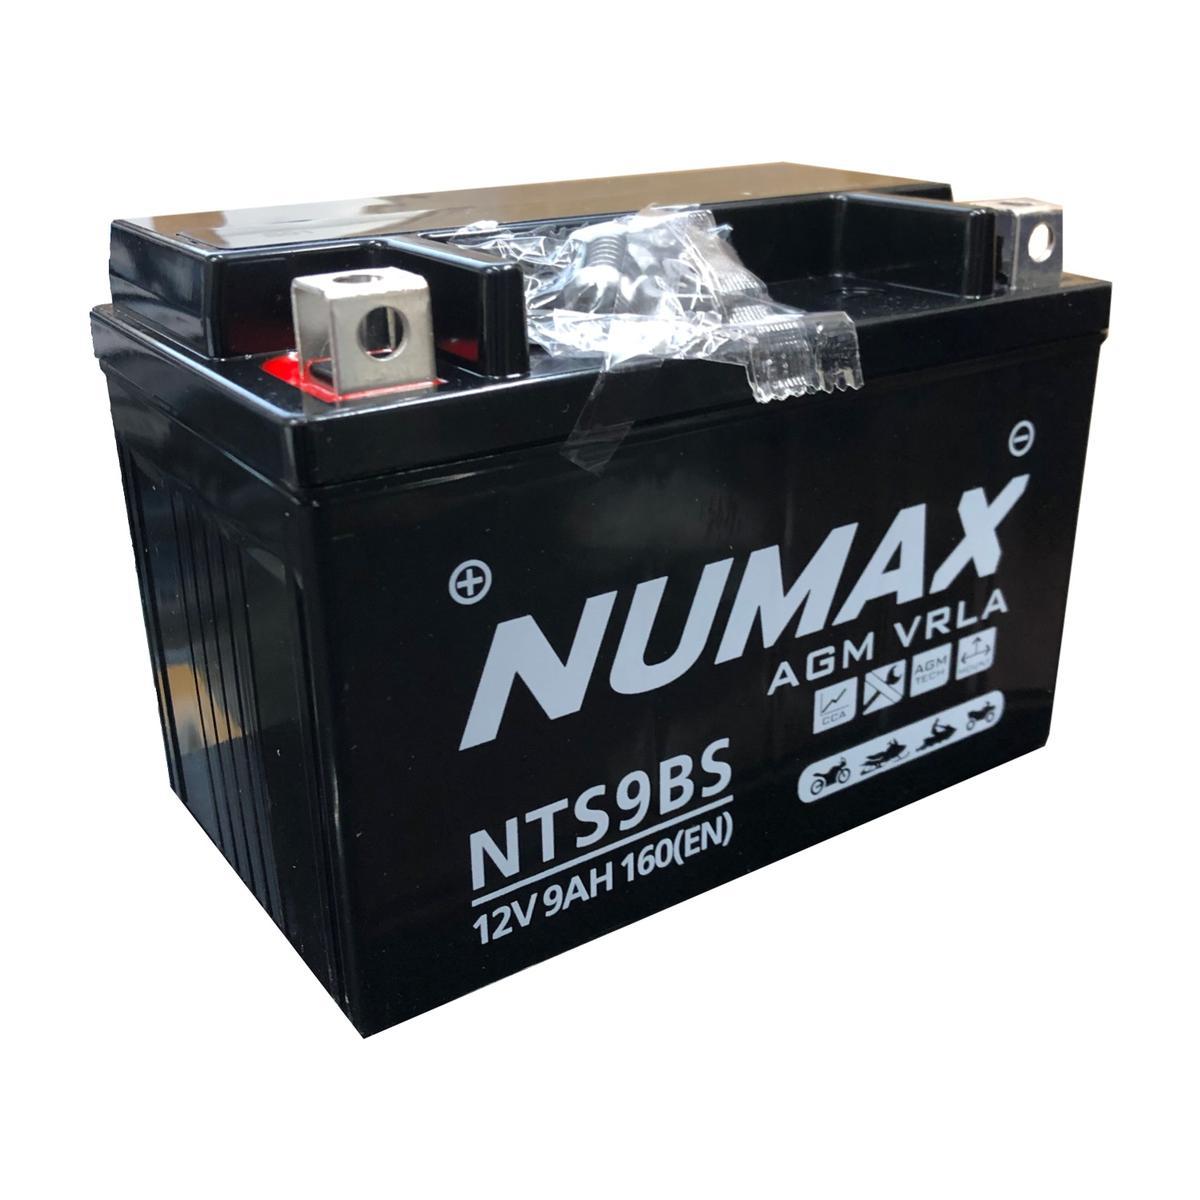 Numax NTS9BS 12v Motorbike Bike Battery SUZUKI 750cc 750W YXT9-4